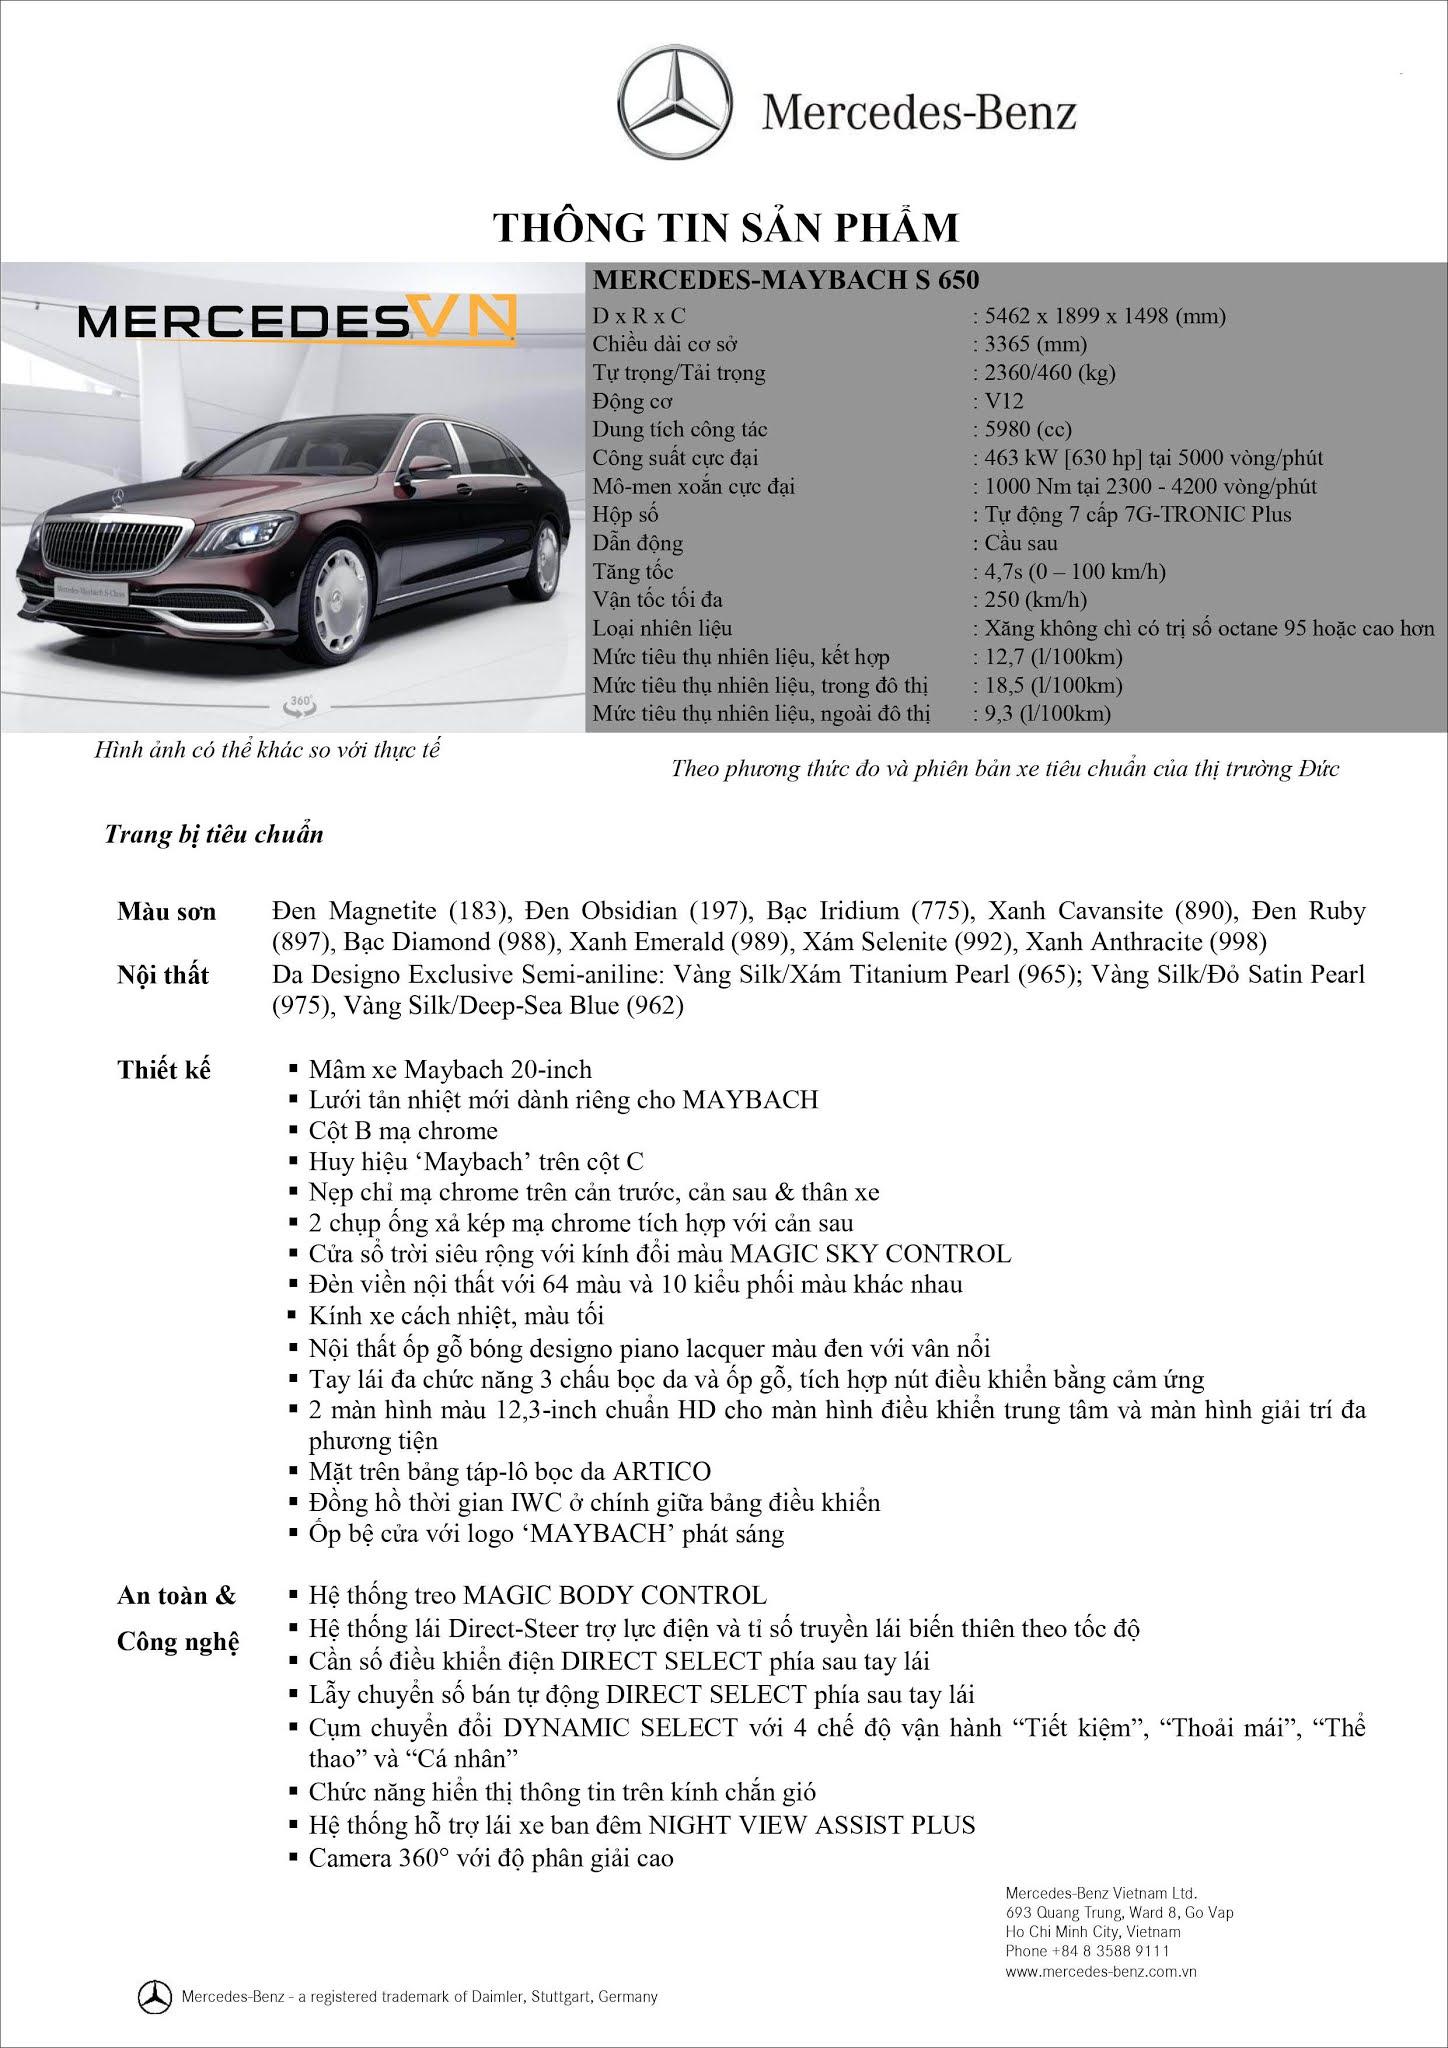 Bảng thông số kỹ thuật Mercedes Maybach S650 2021